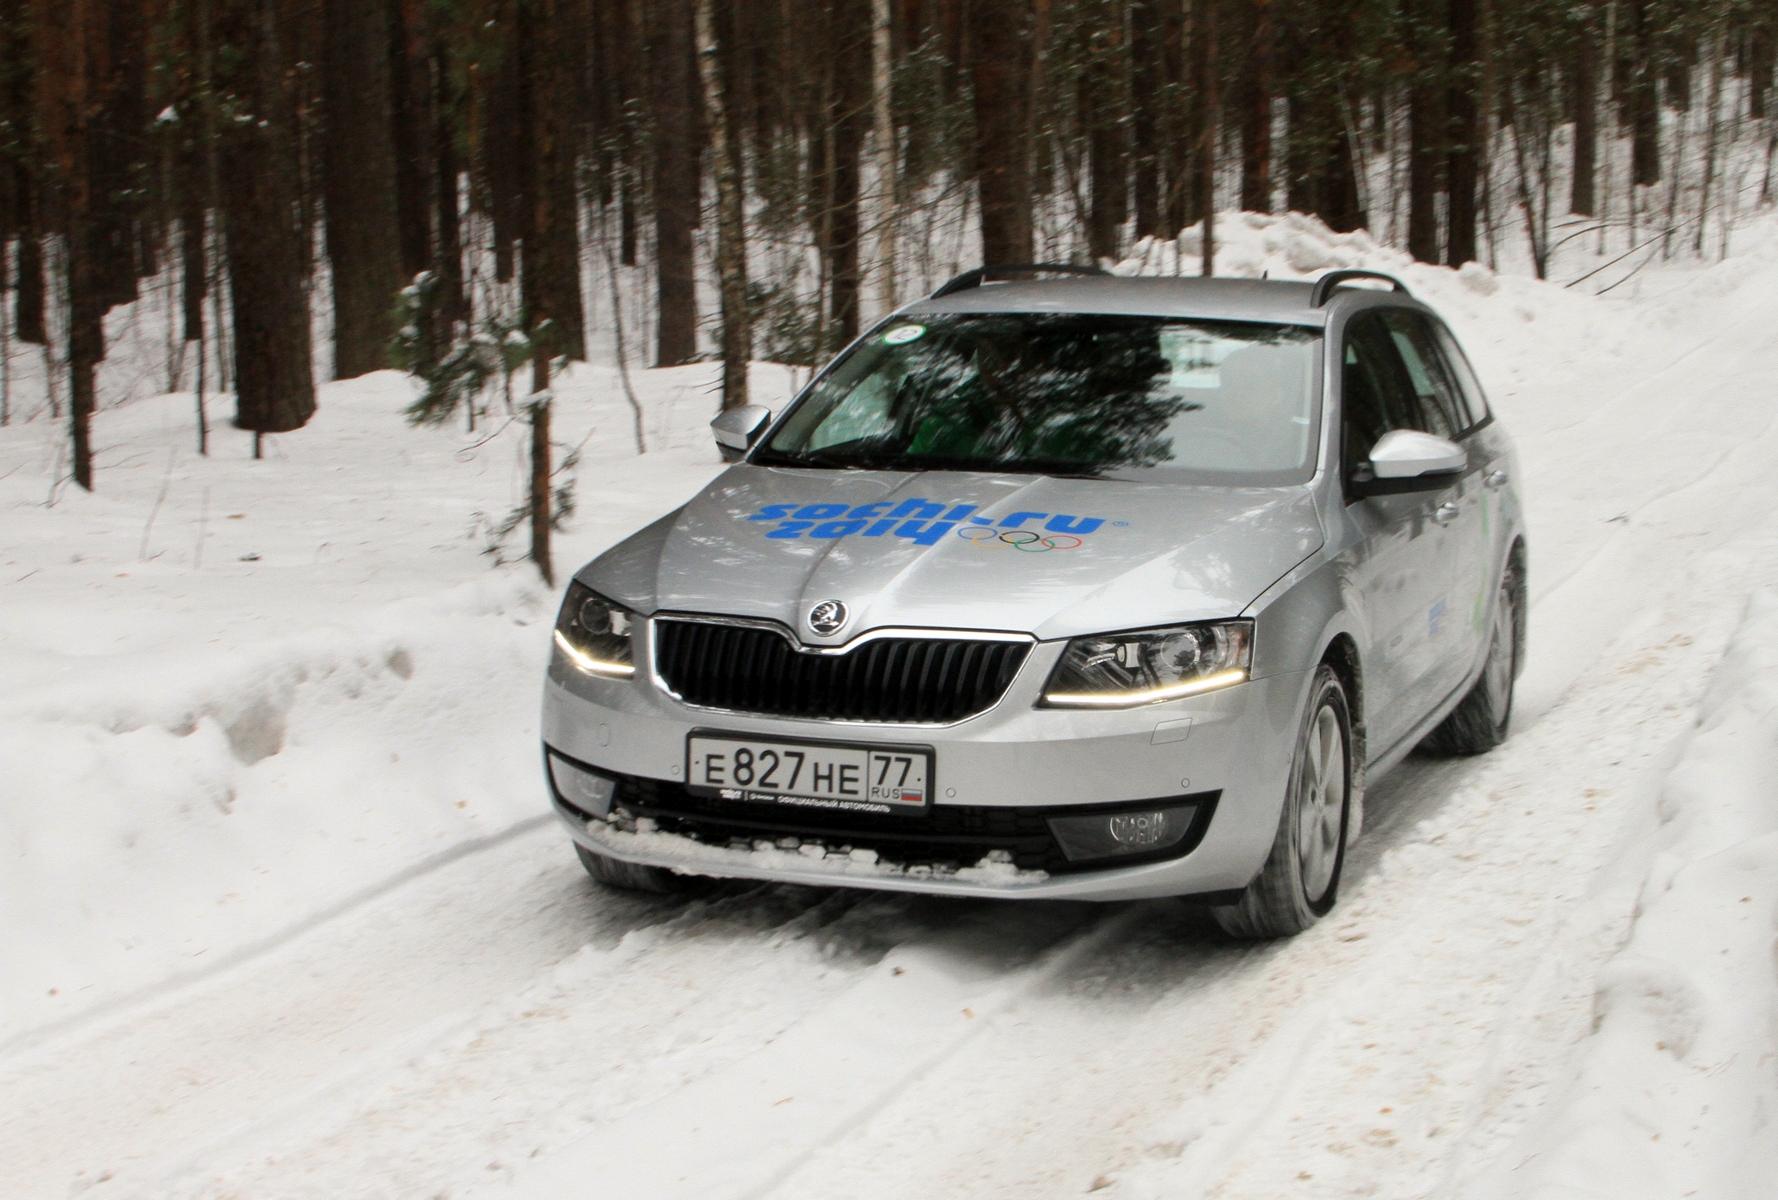 Загребая четырьмя: мучаем полноприводную Skoda Octavia уральским снегом